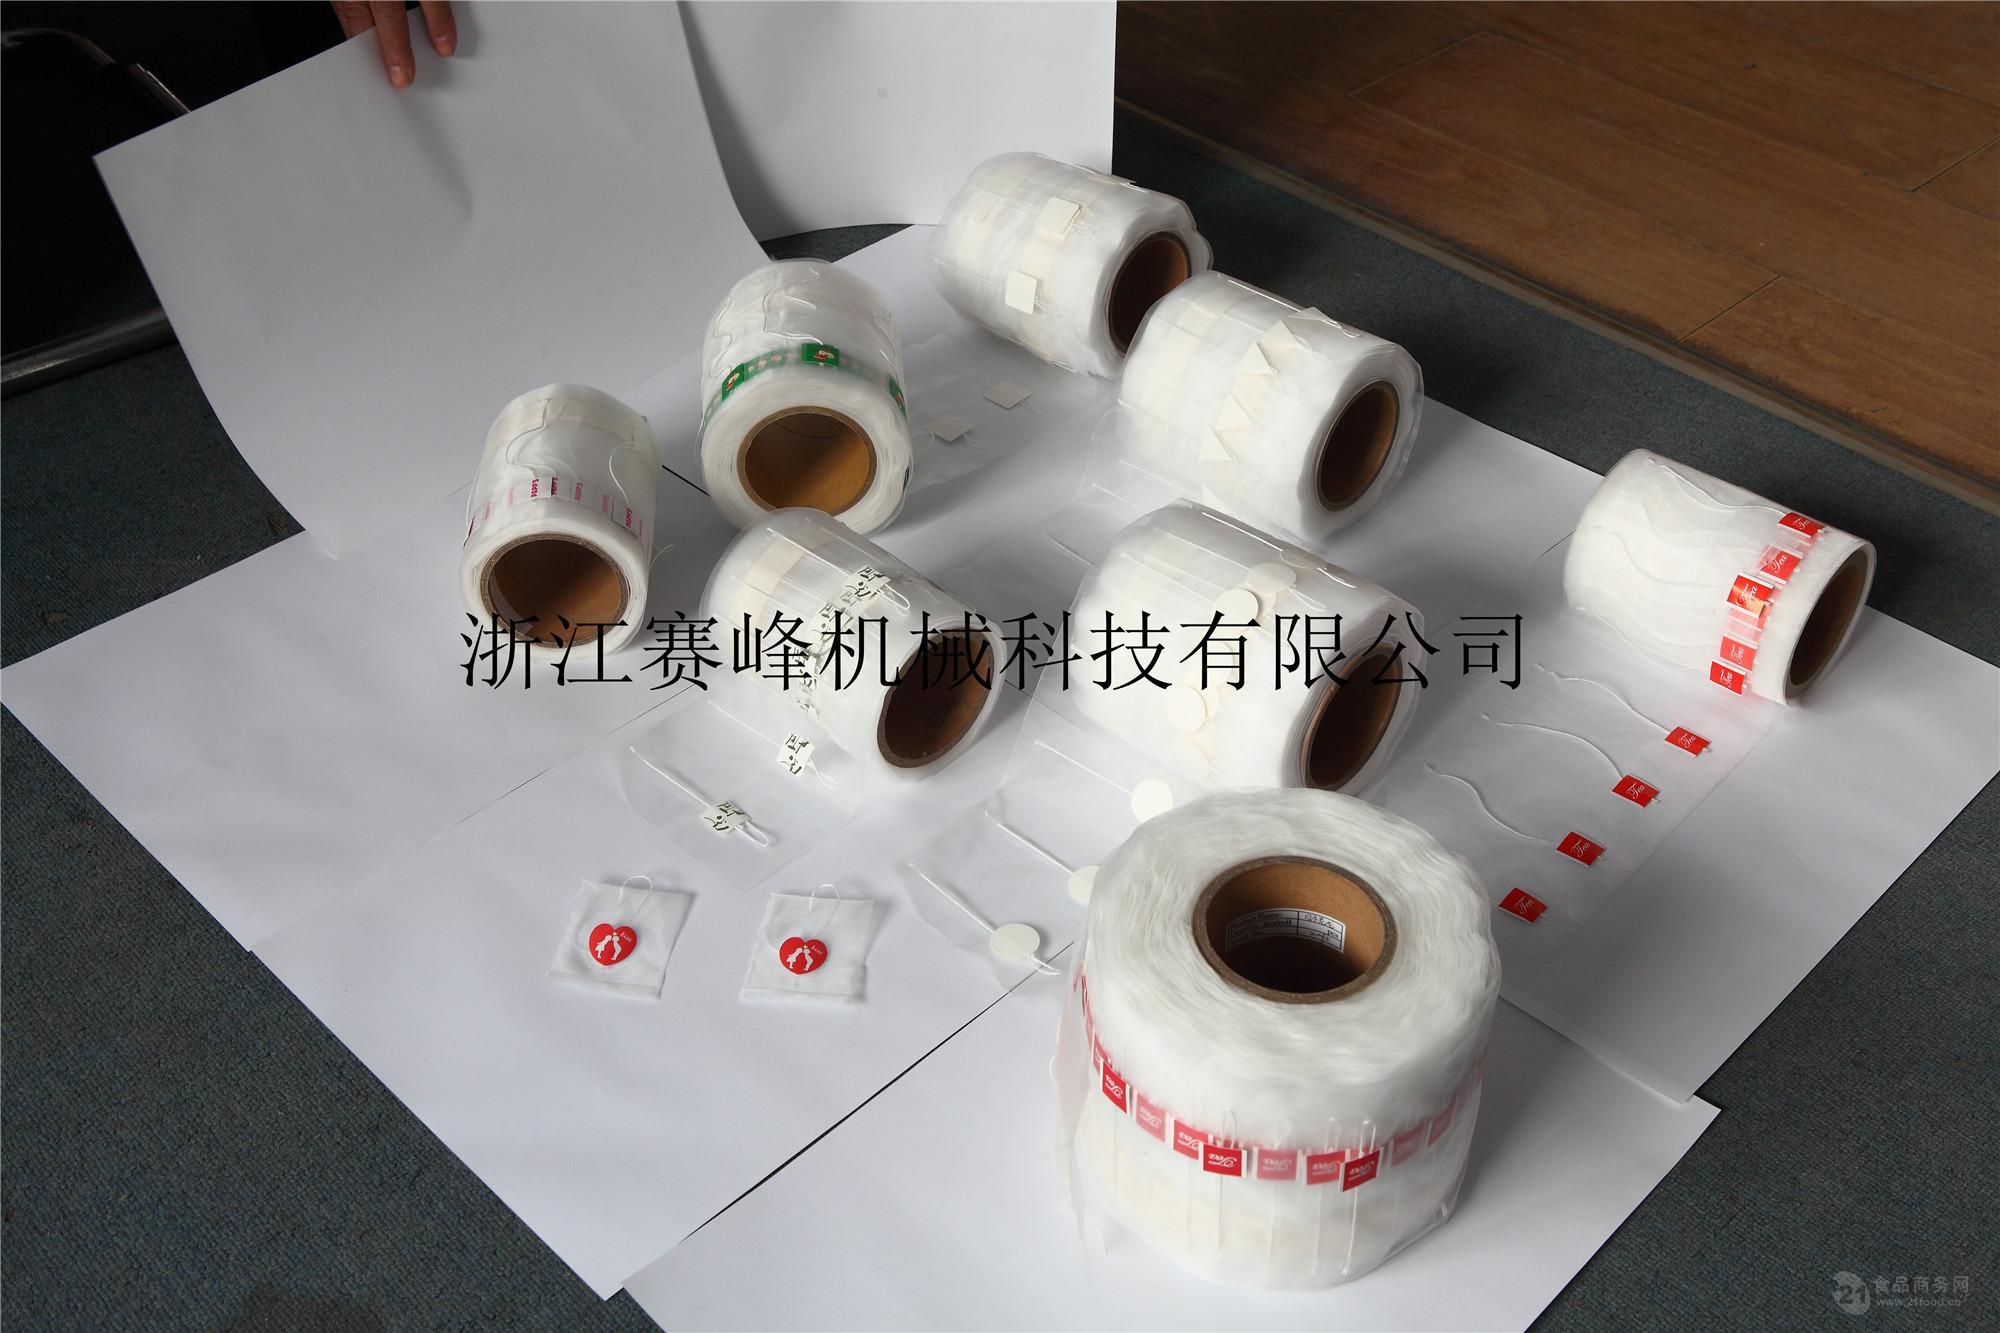 供应三角袋茶耗材 异形标签袋泡茶包装耗材 尼龙网布卷膜